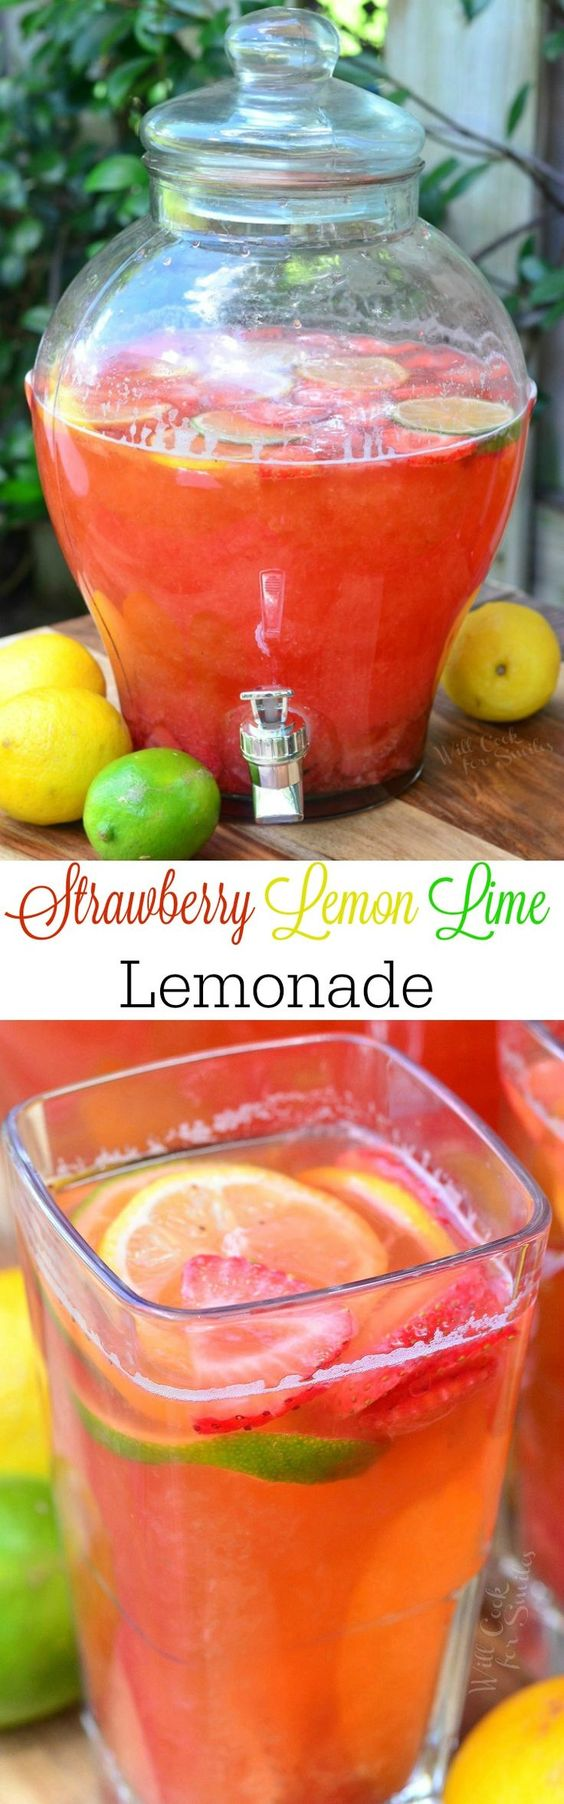 Homemade Strawberry Lemon Lime Lemonade 7: